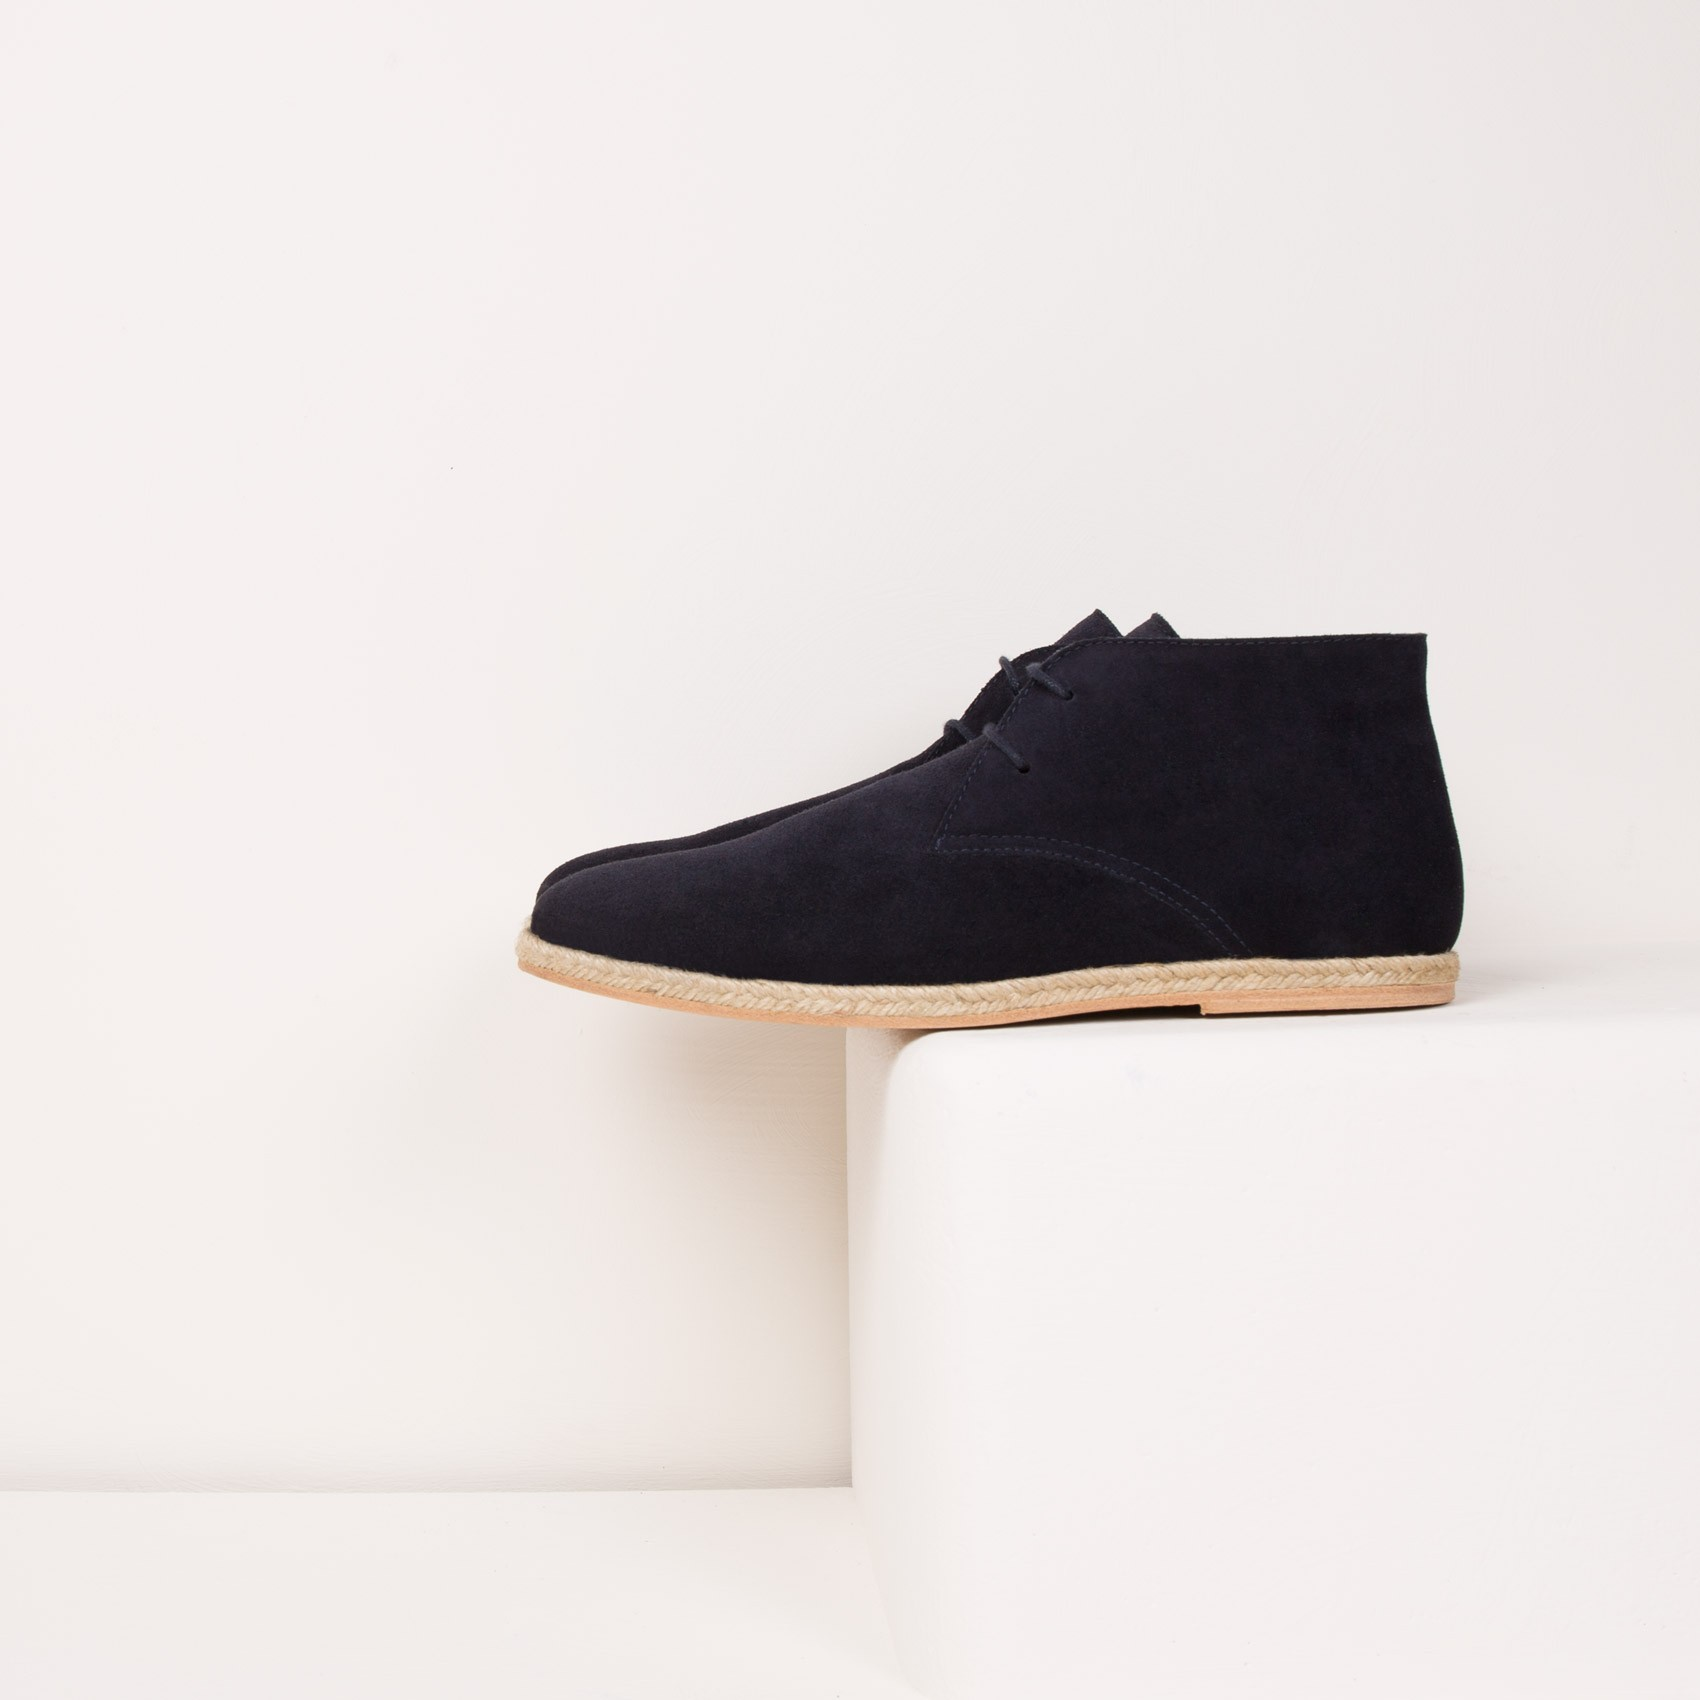 boots bottines bleu marine le baroudeur bobbies. Black Bedroom Furniture Sets. Home Design Ideas